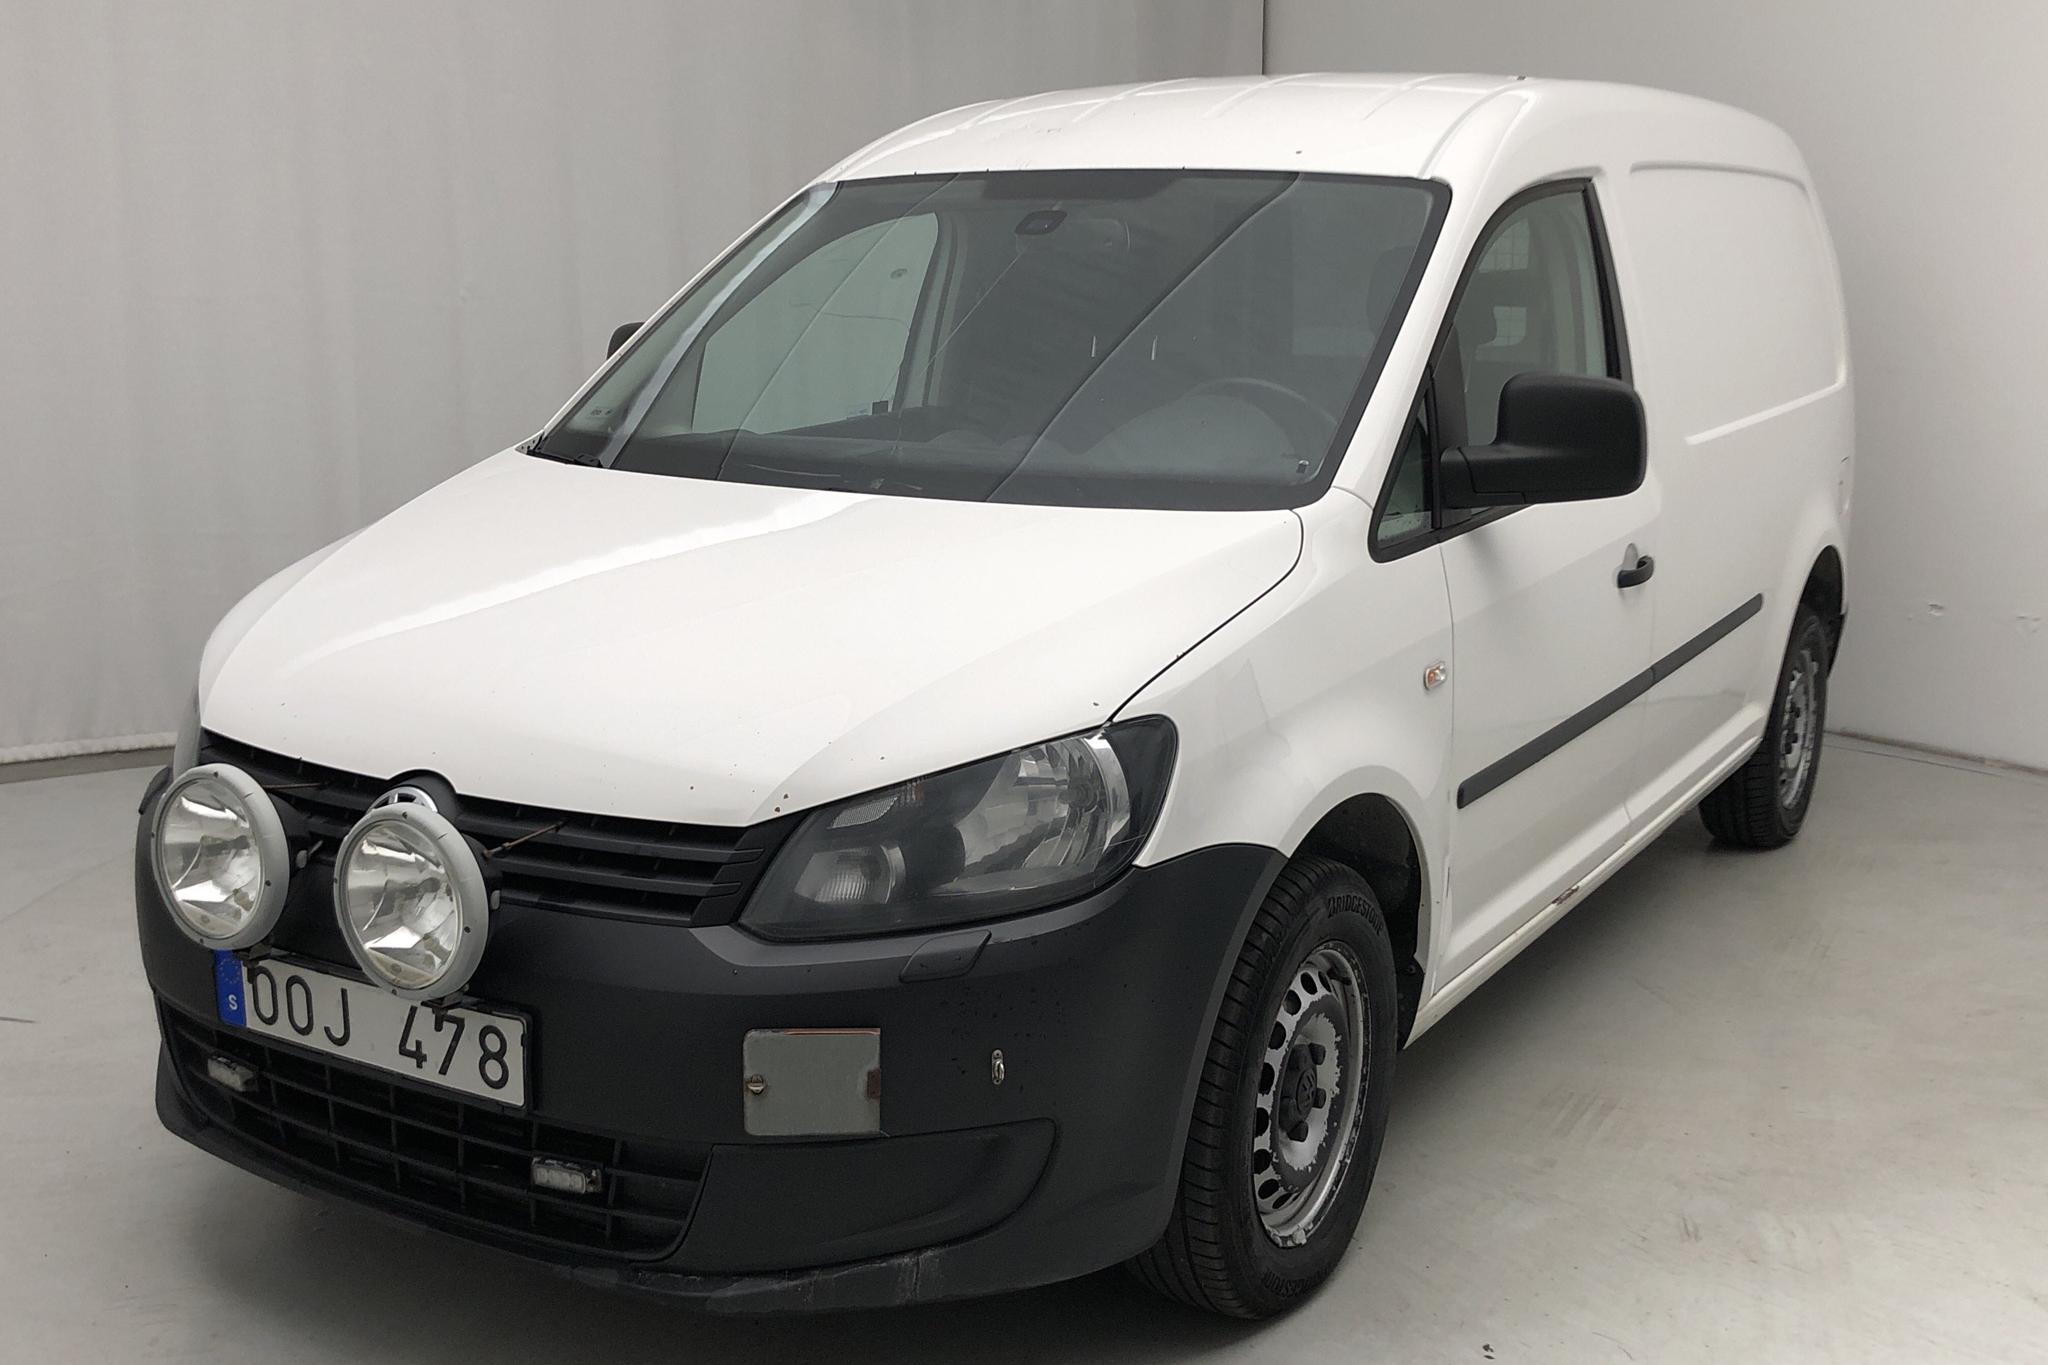 VW Caddy 2.0 TDI Maxi Skåp 4-motion (110hk) - 0 km - Manual - white - 2014